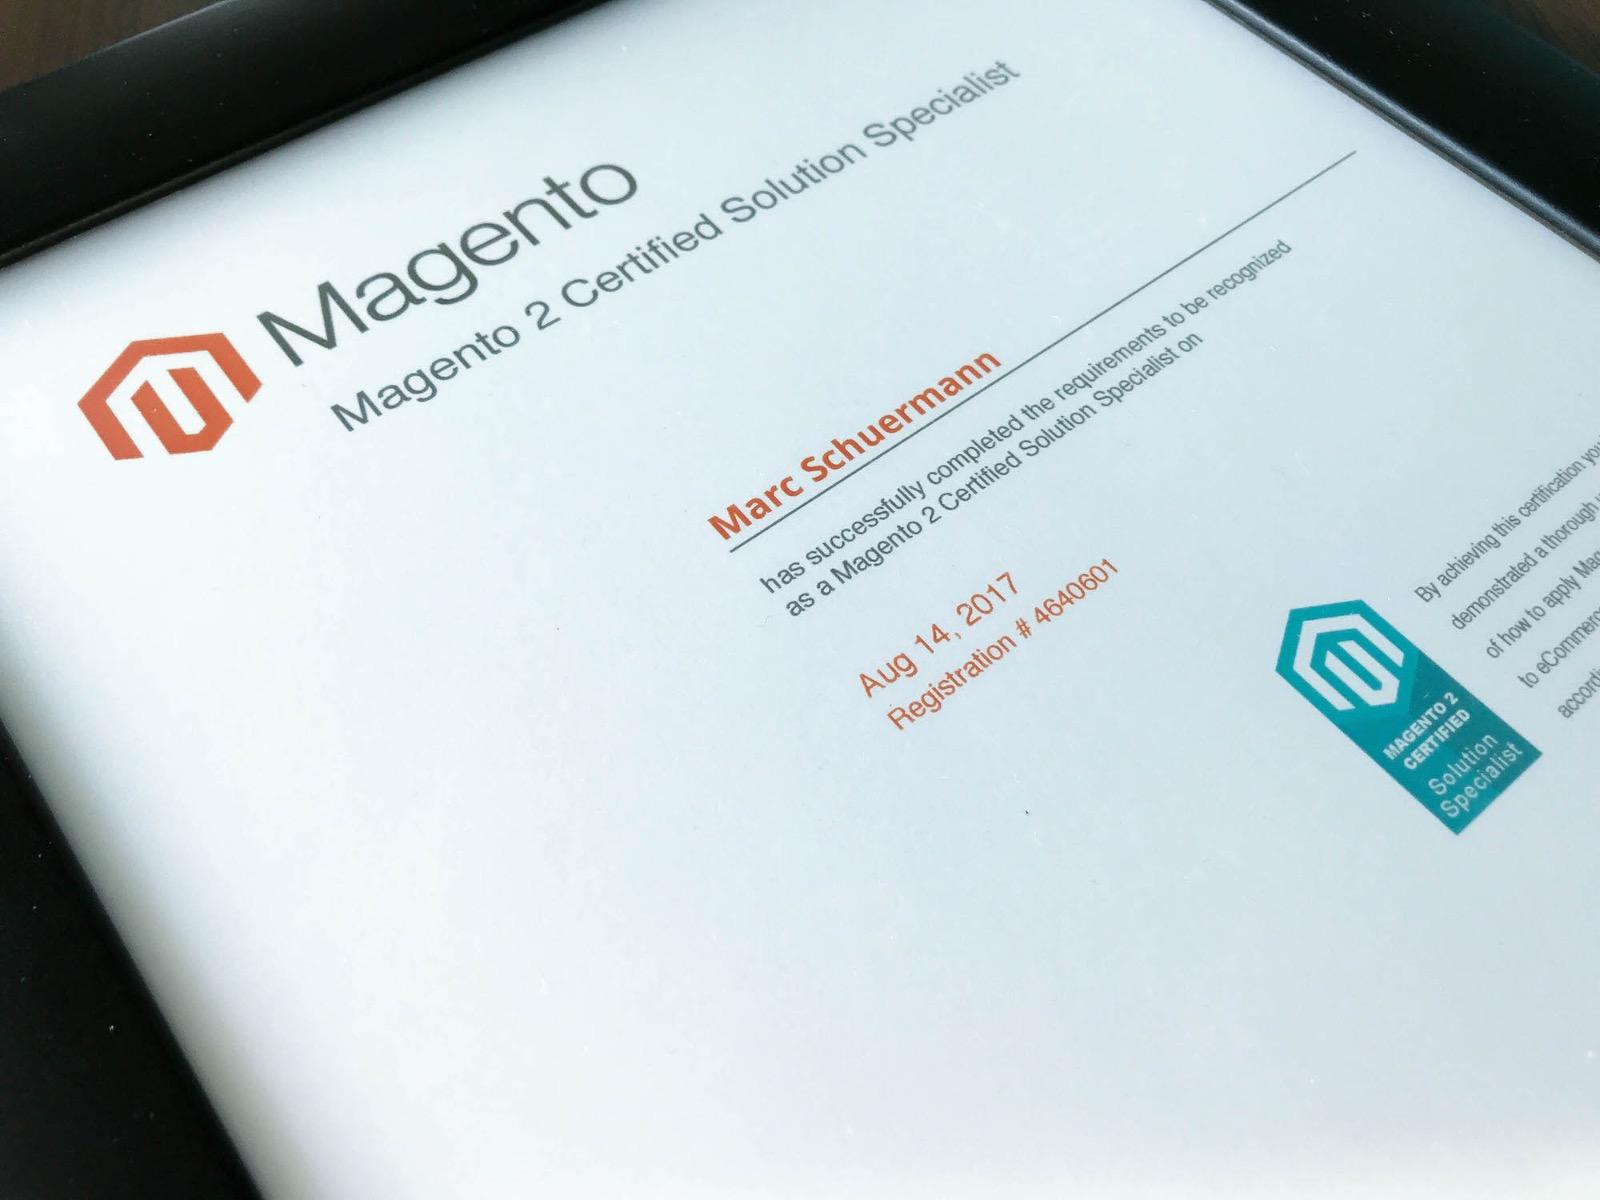 Magento 2 Solution Specialist Zertifizierung Marc Schürmann